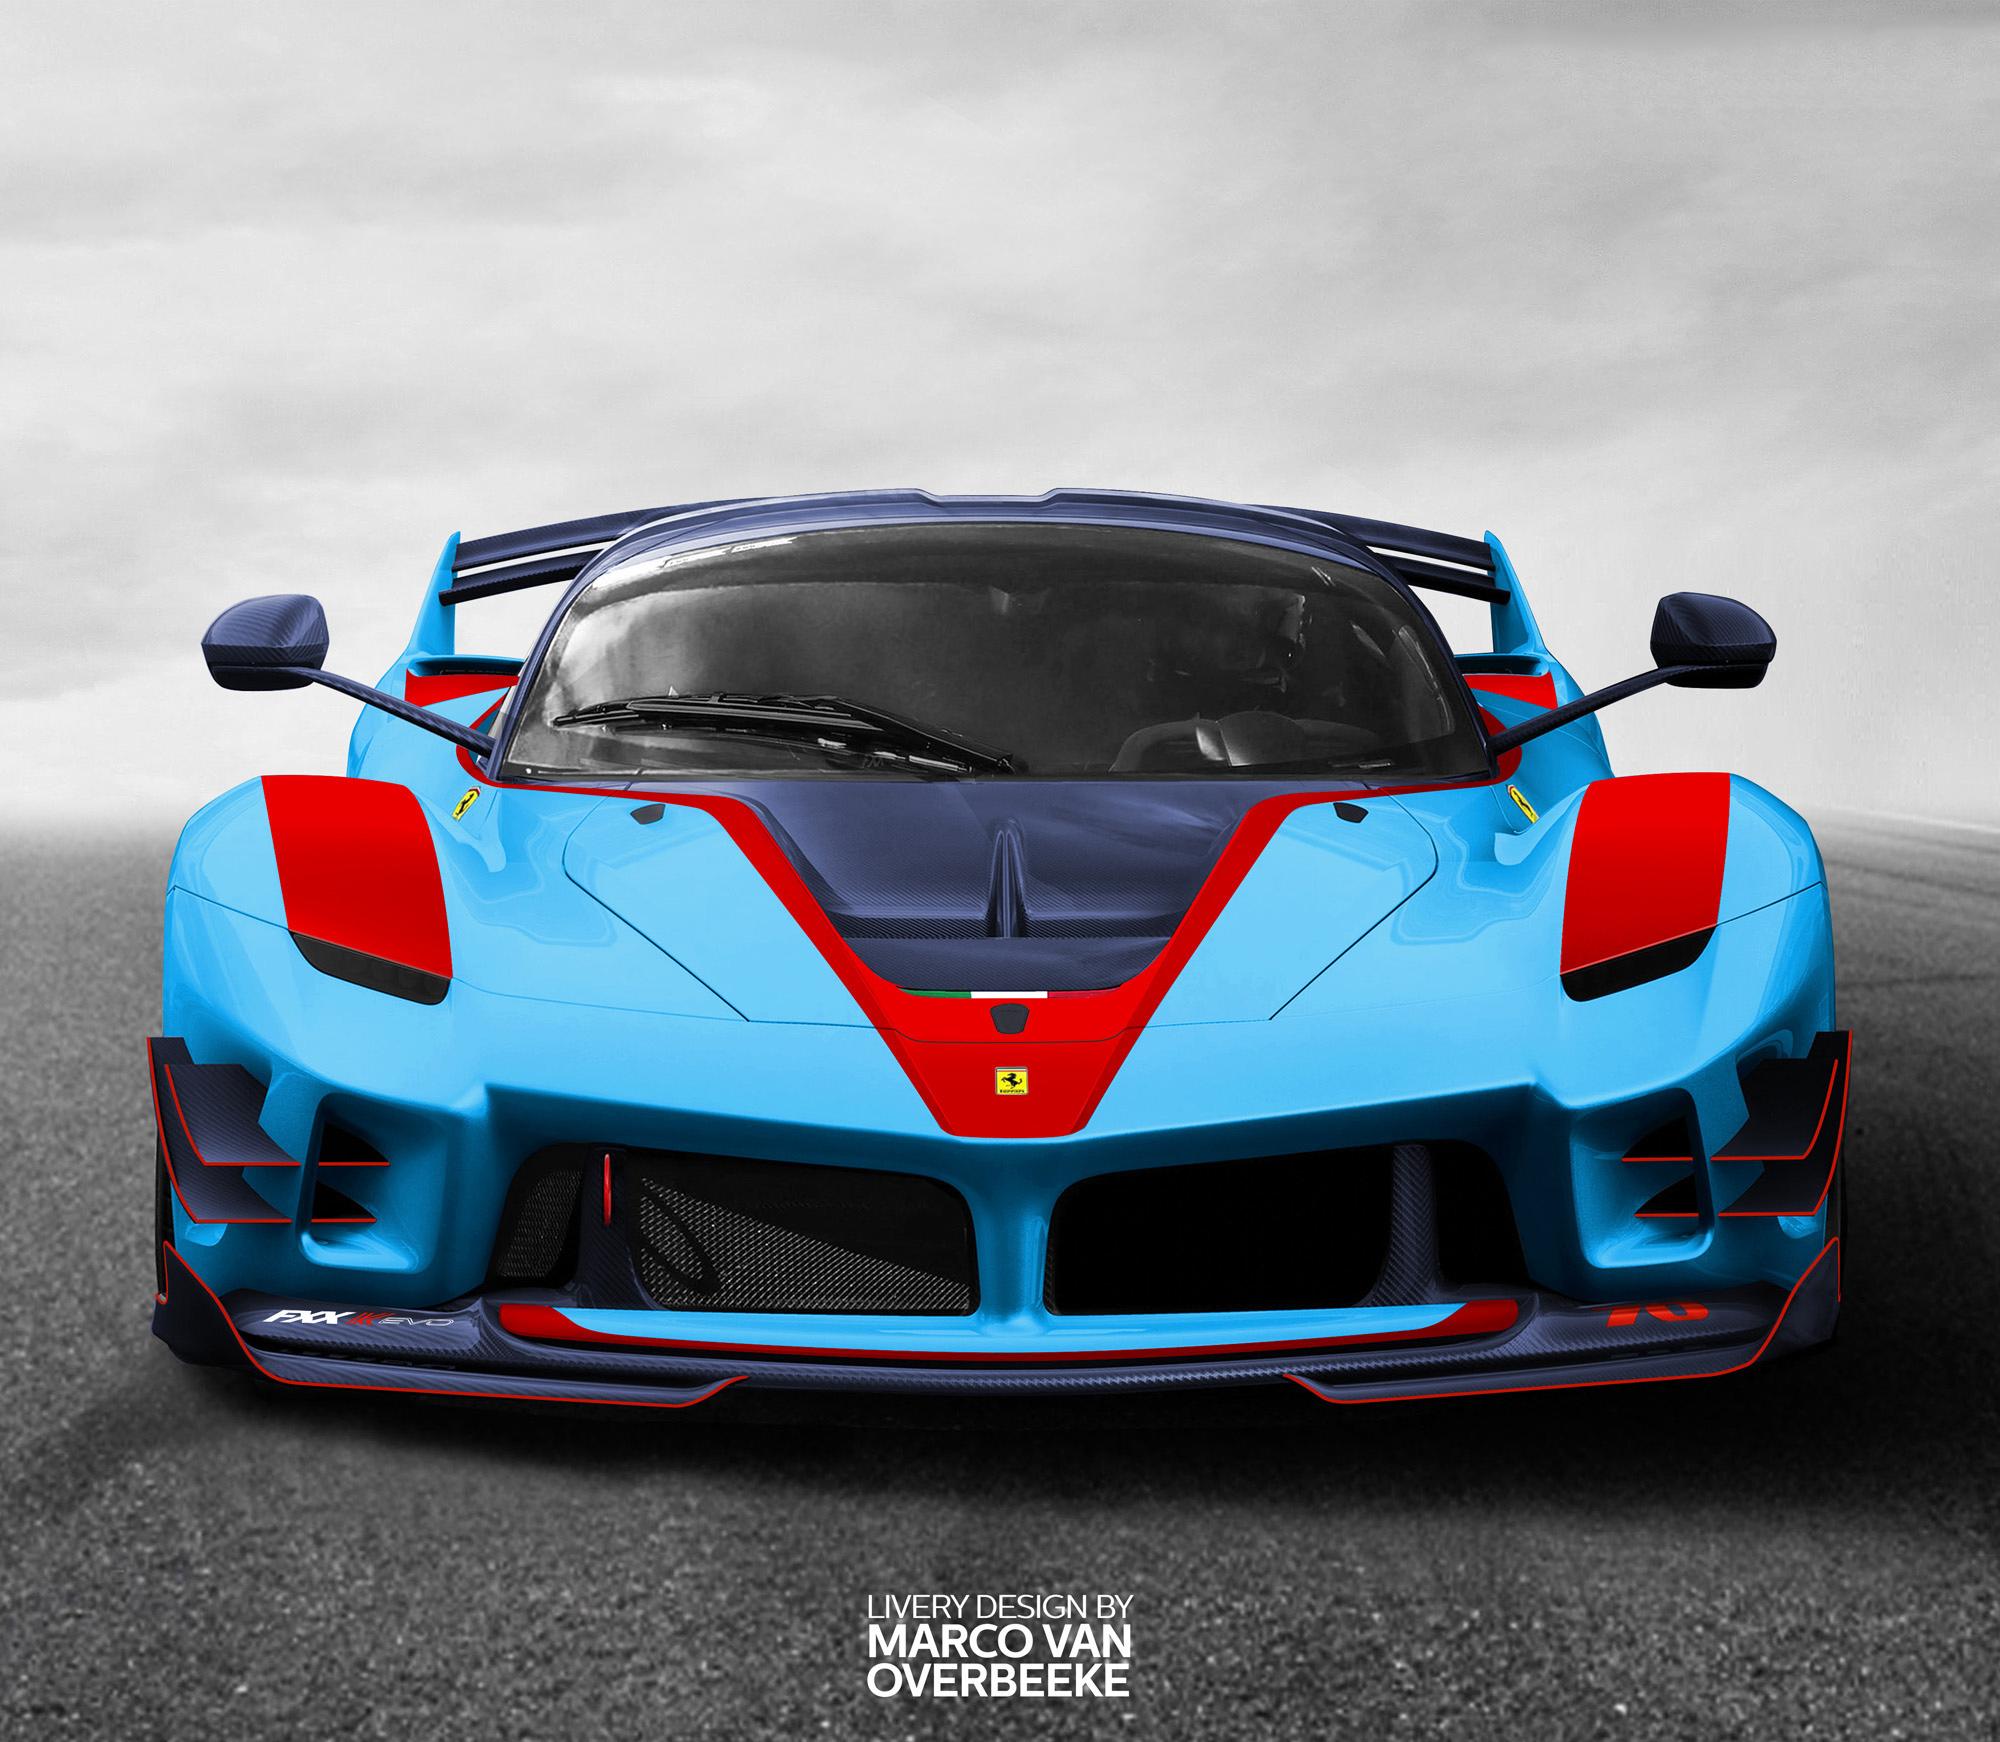 Ferrari Fxx: Ferrari LaFerrari FXX K Evo, HD Cars, 4k Wallpapers